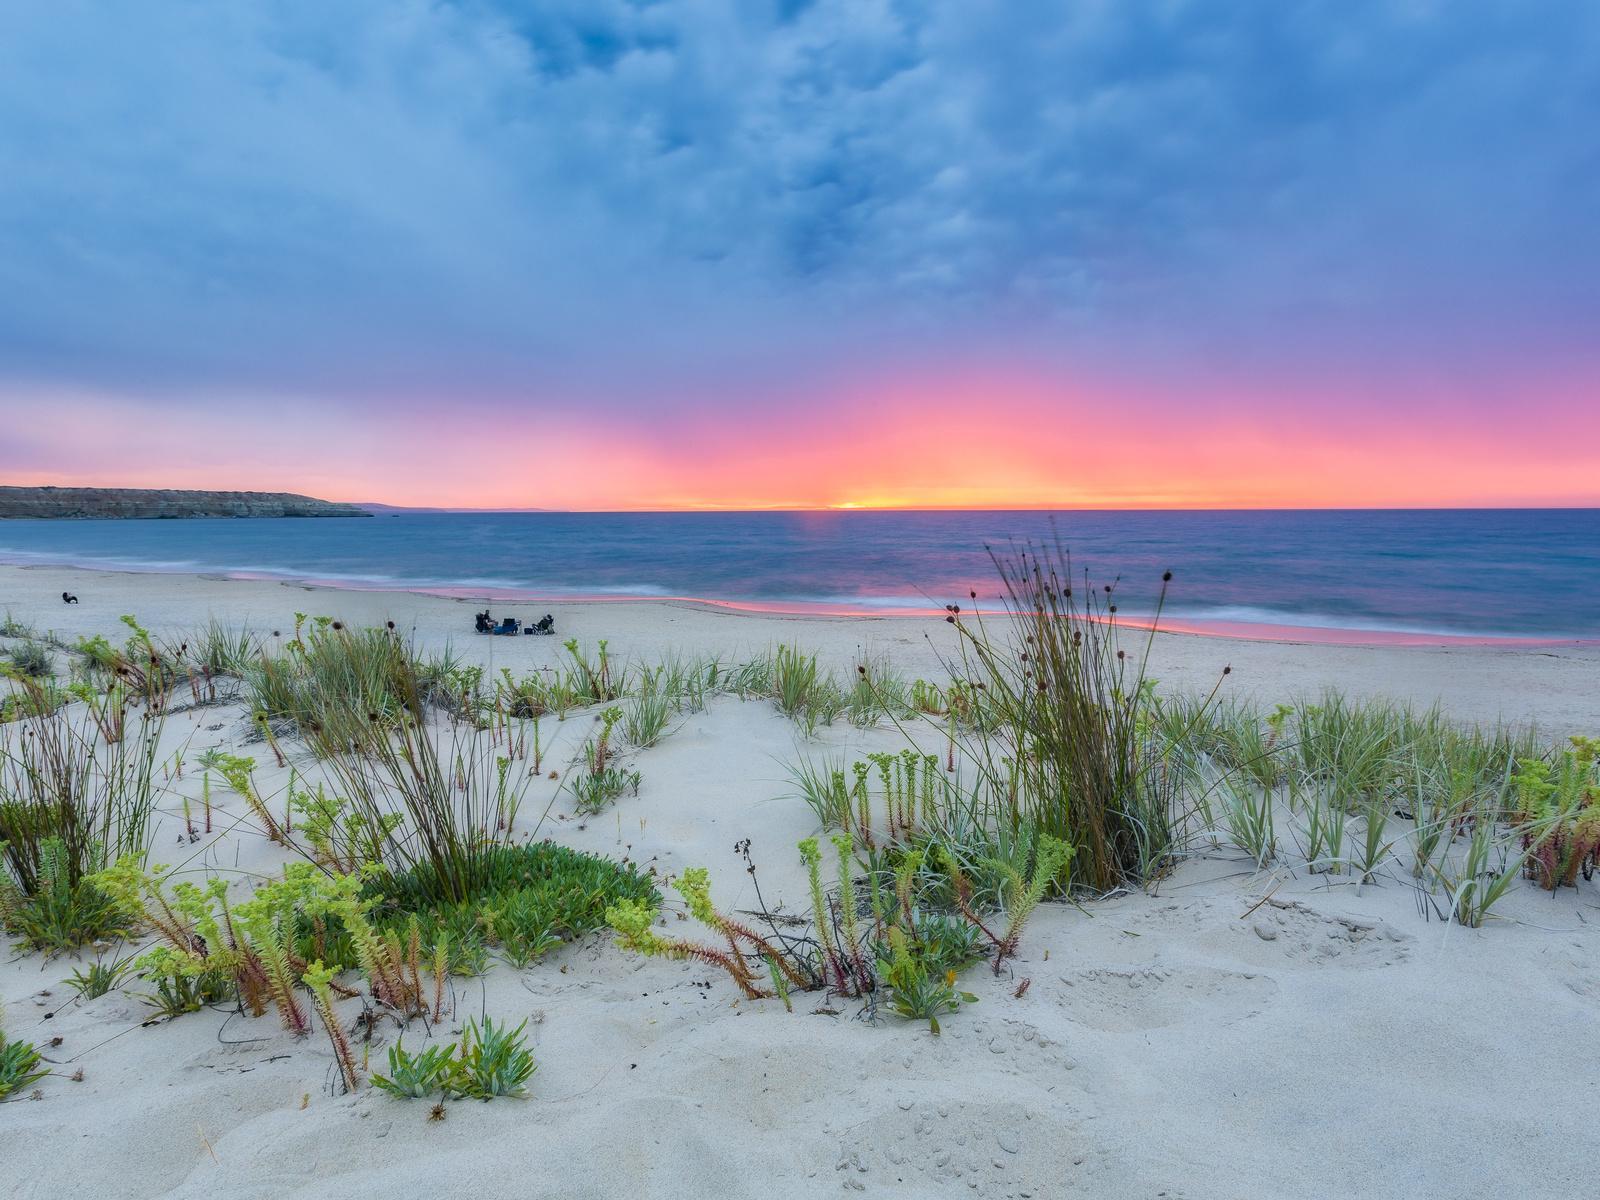 марлин бич, море, закат, берег, пляж, песок, растения, небо, природа, пейзаж